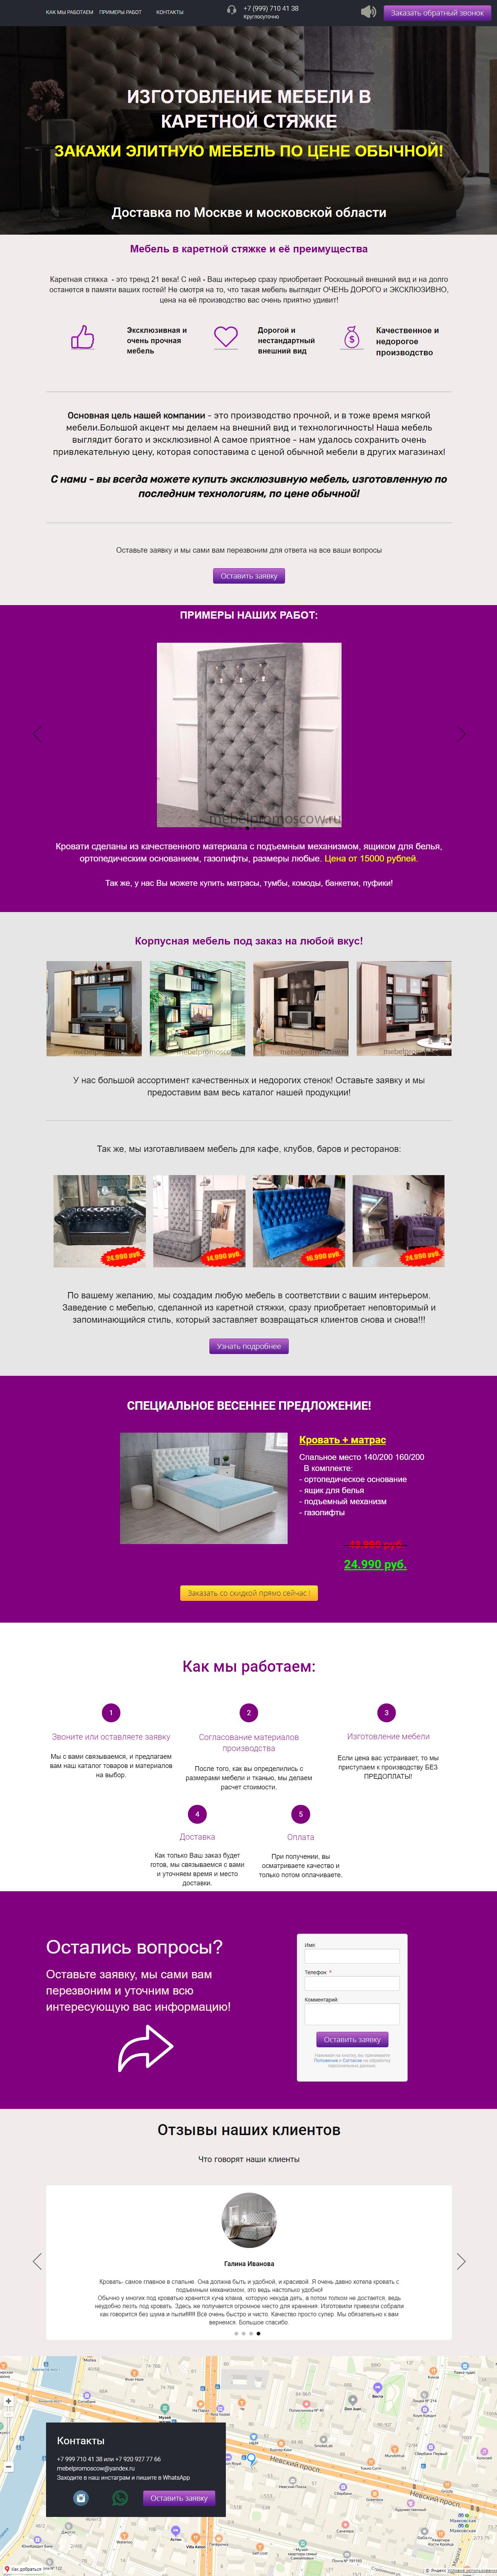 Сайт для мебели в каретной стяжке